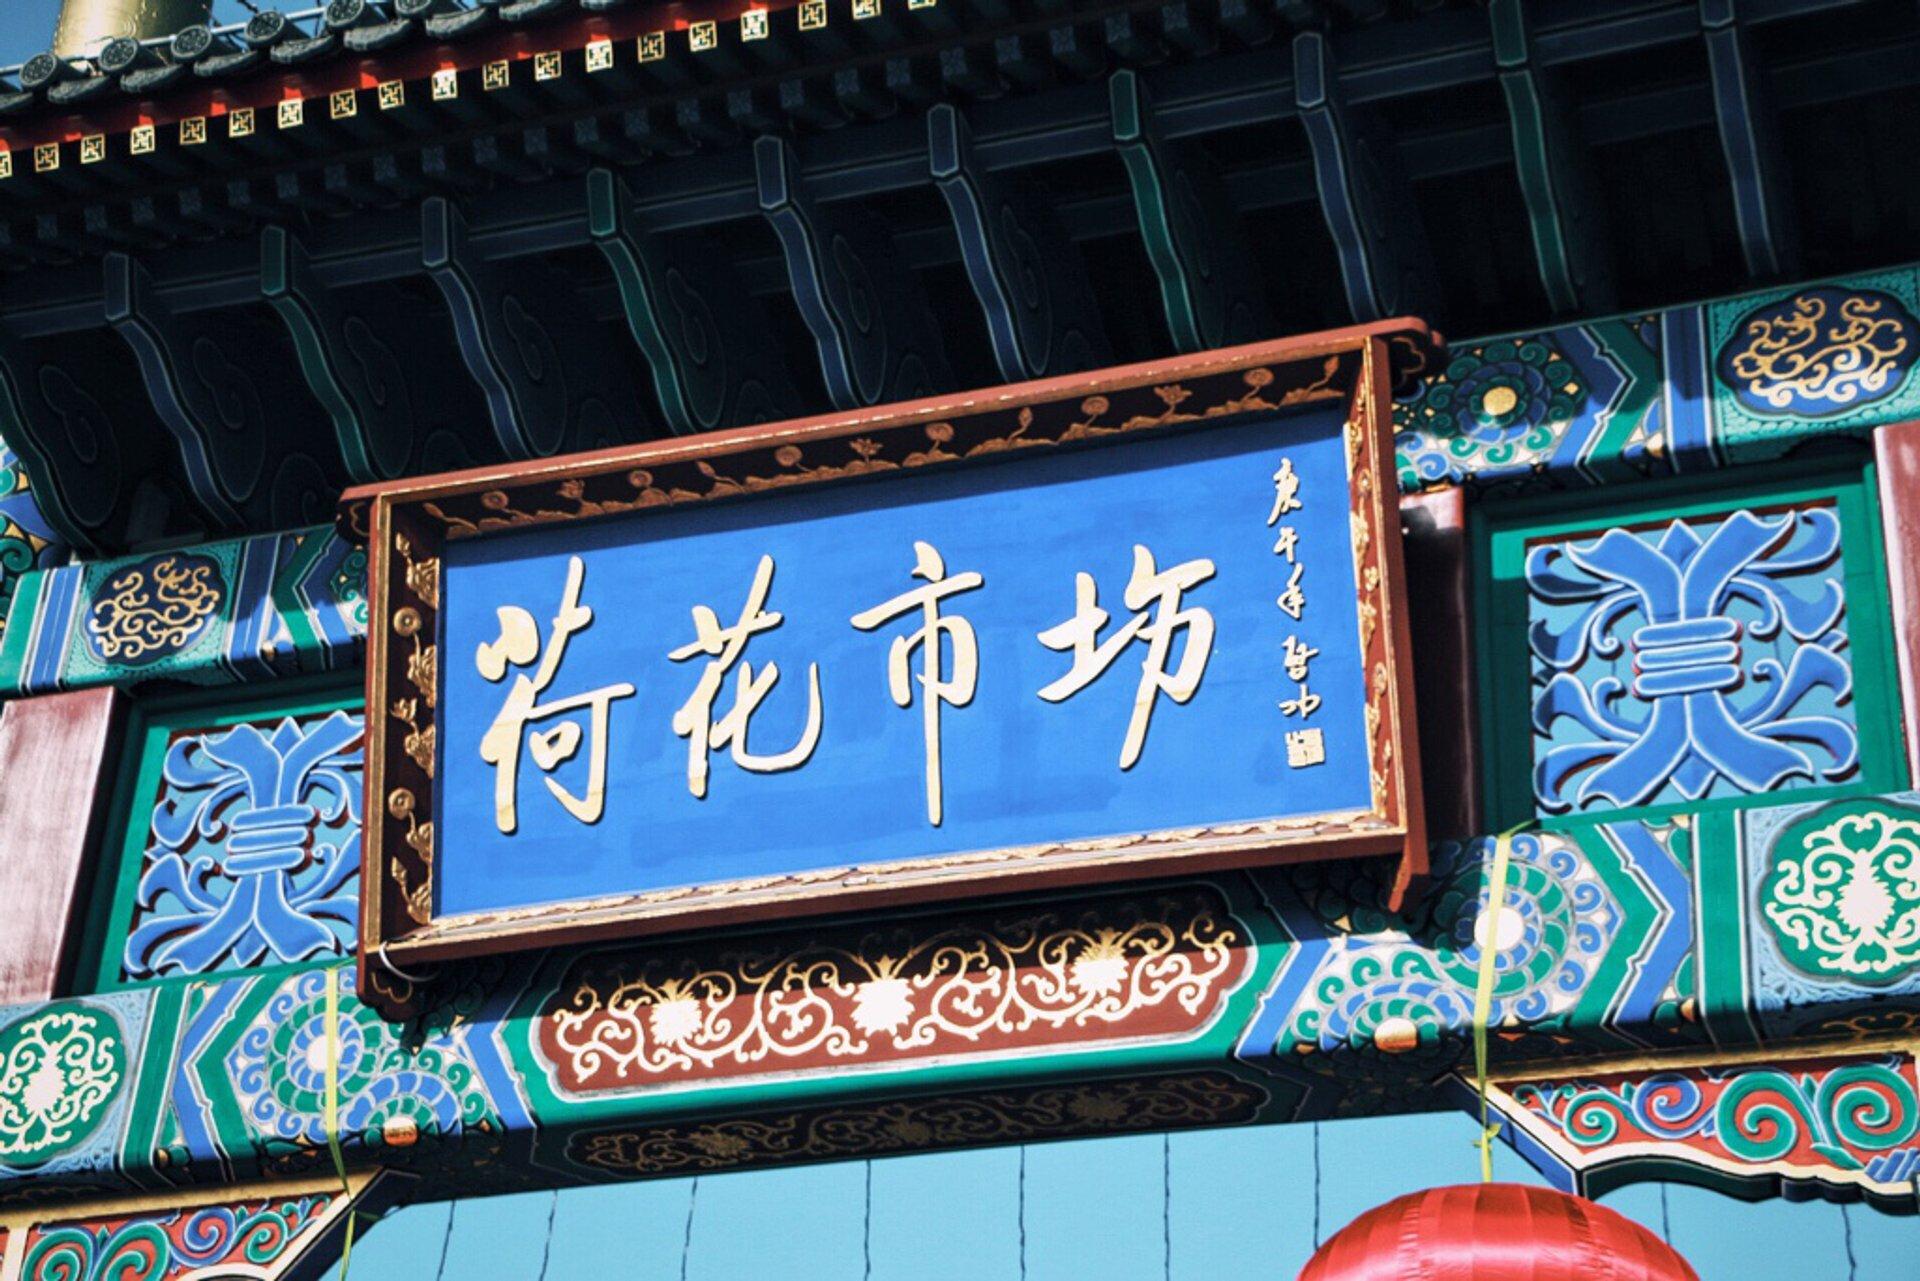 Lotus Market in Beijing 2019 - Best Time